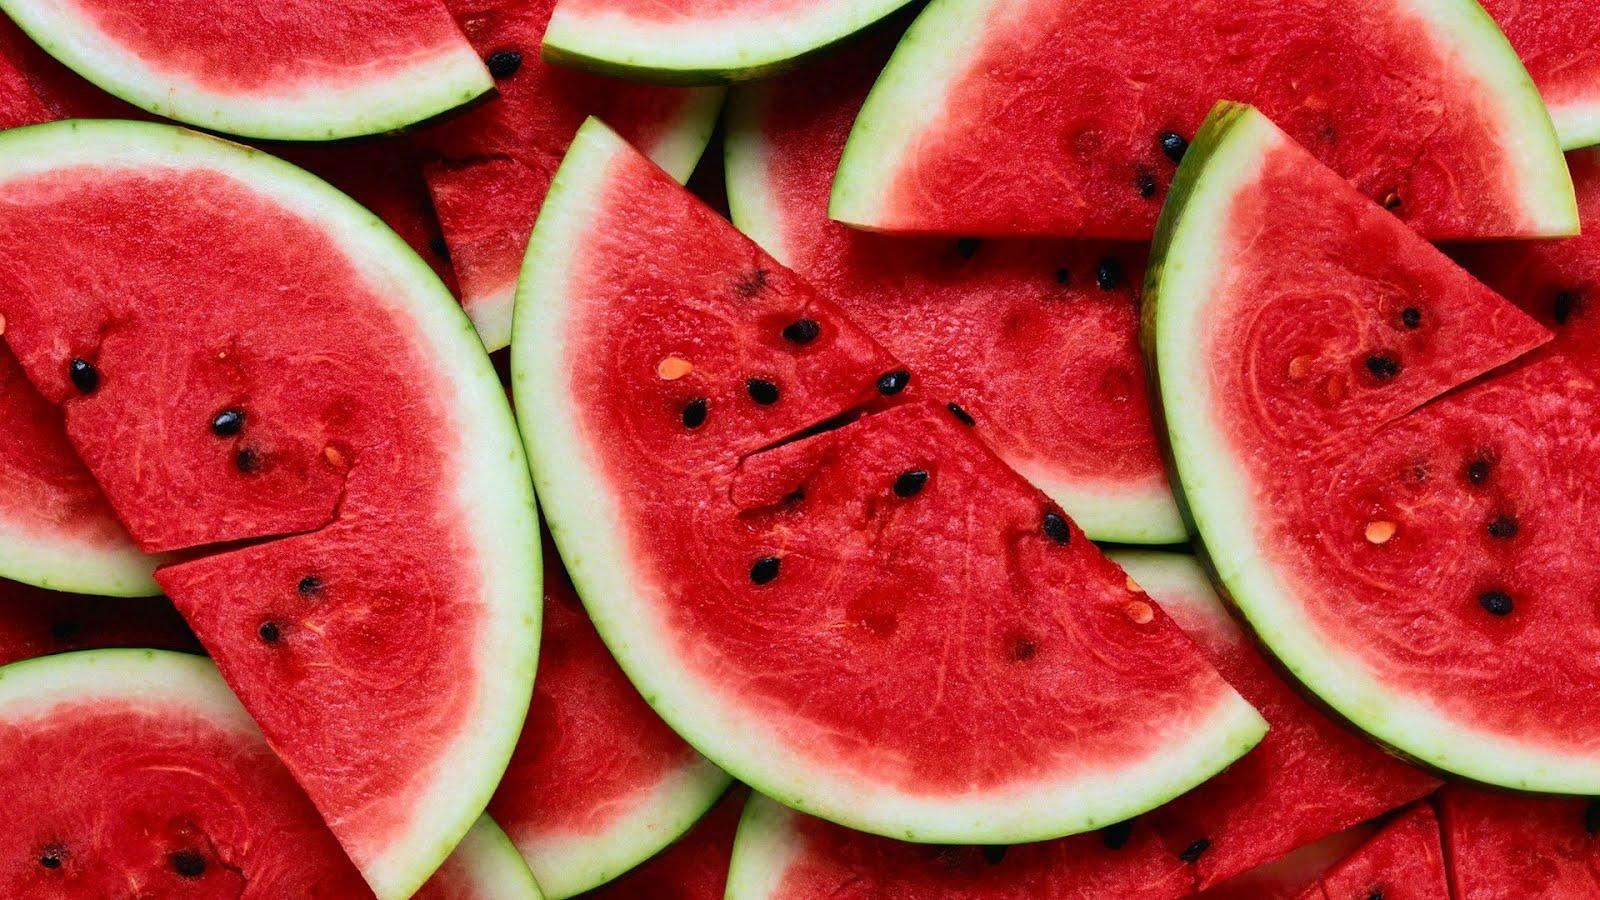 Rebanadas de sandía - Watermelon